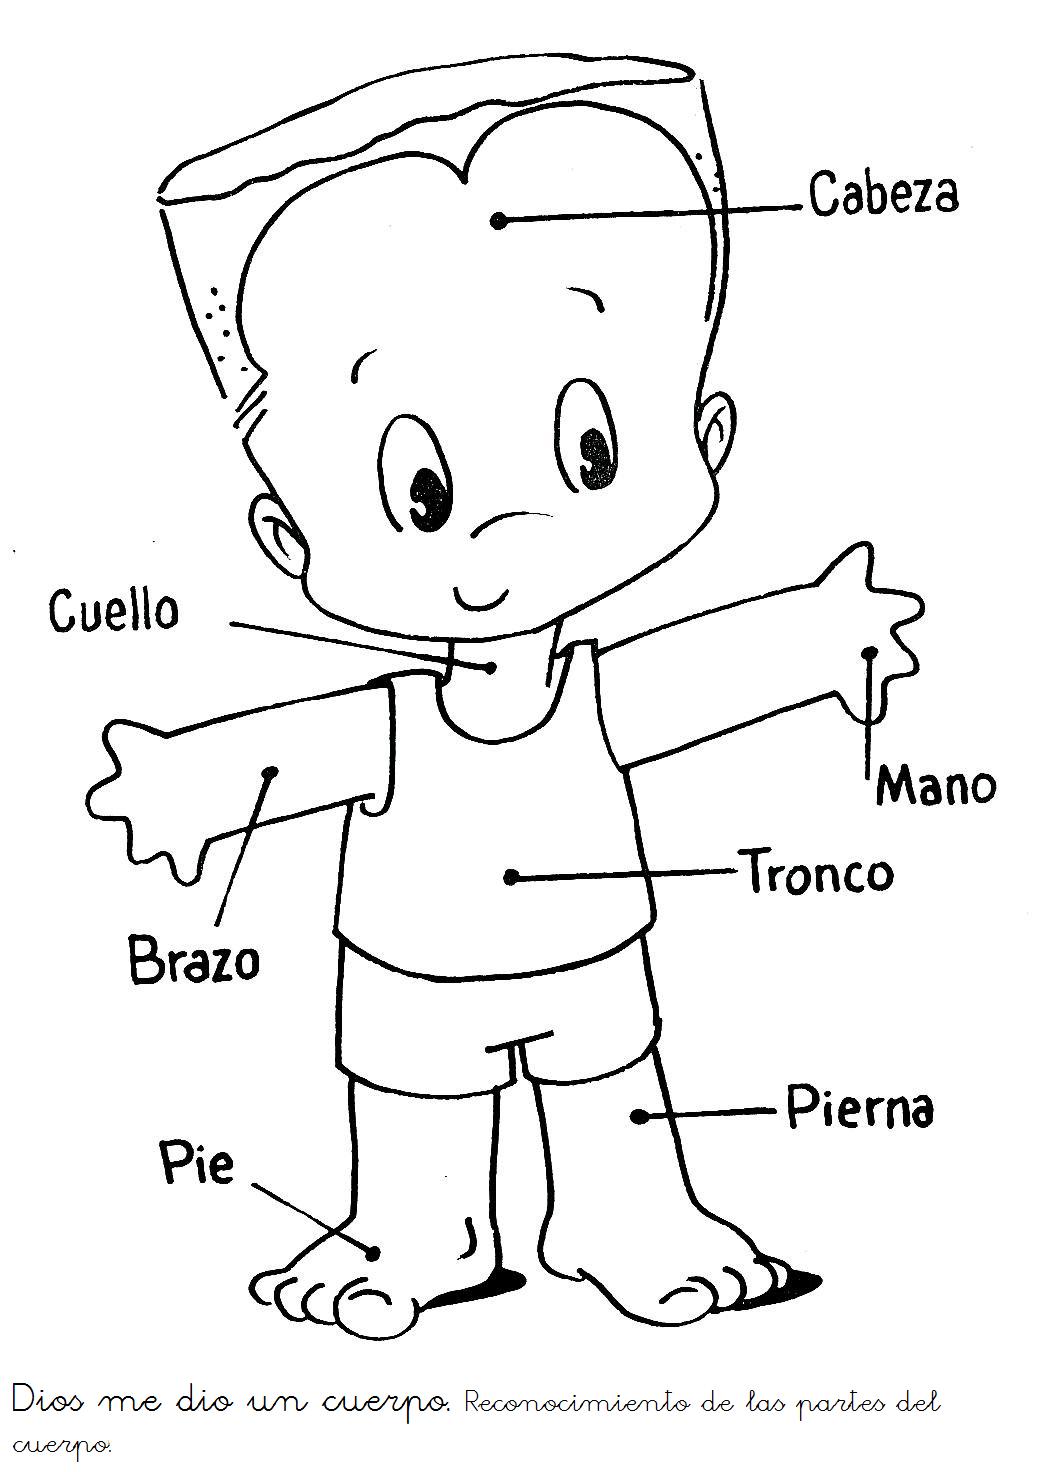 Y Nino Cuerpo De Silueta La De Del Nina Dibujos